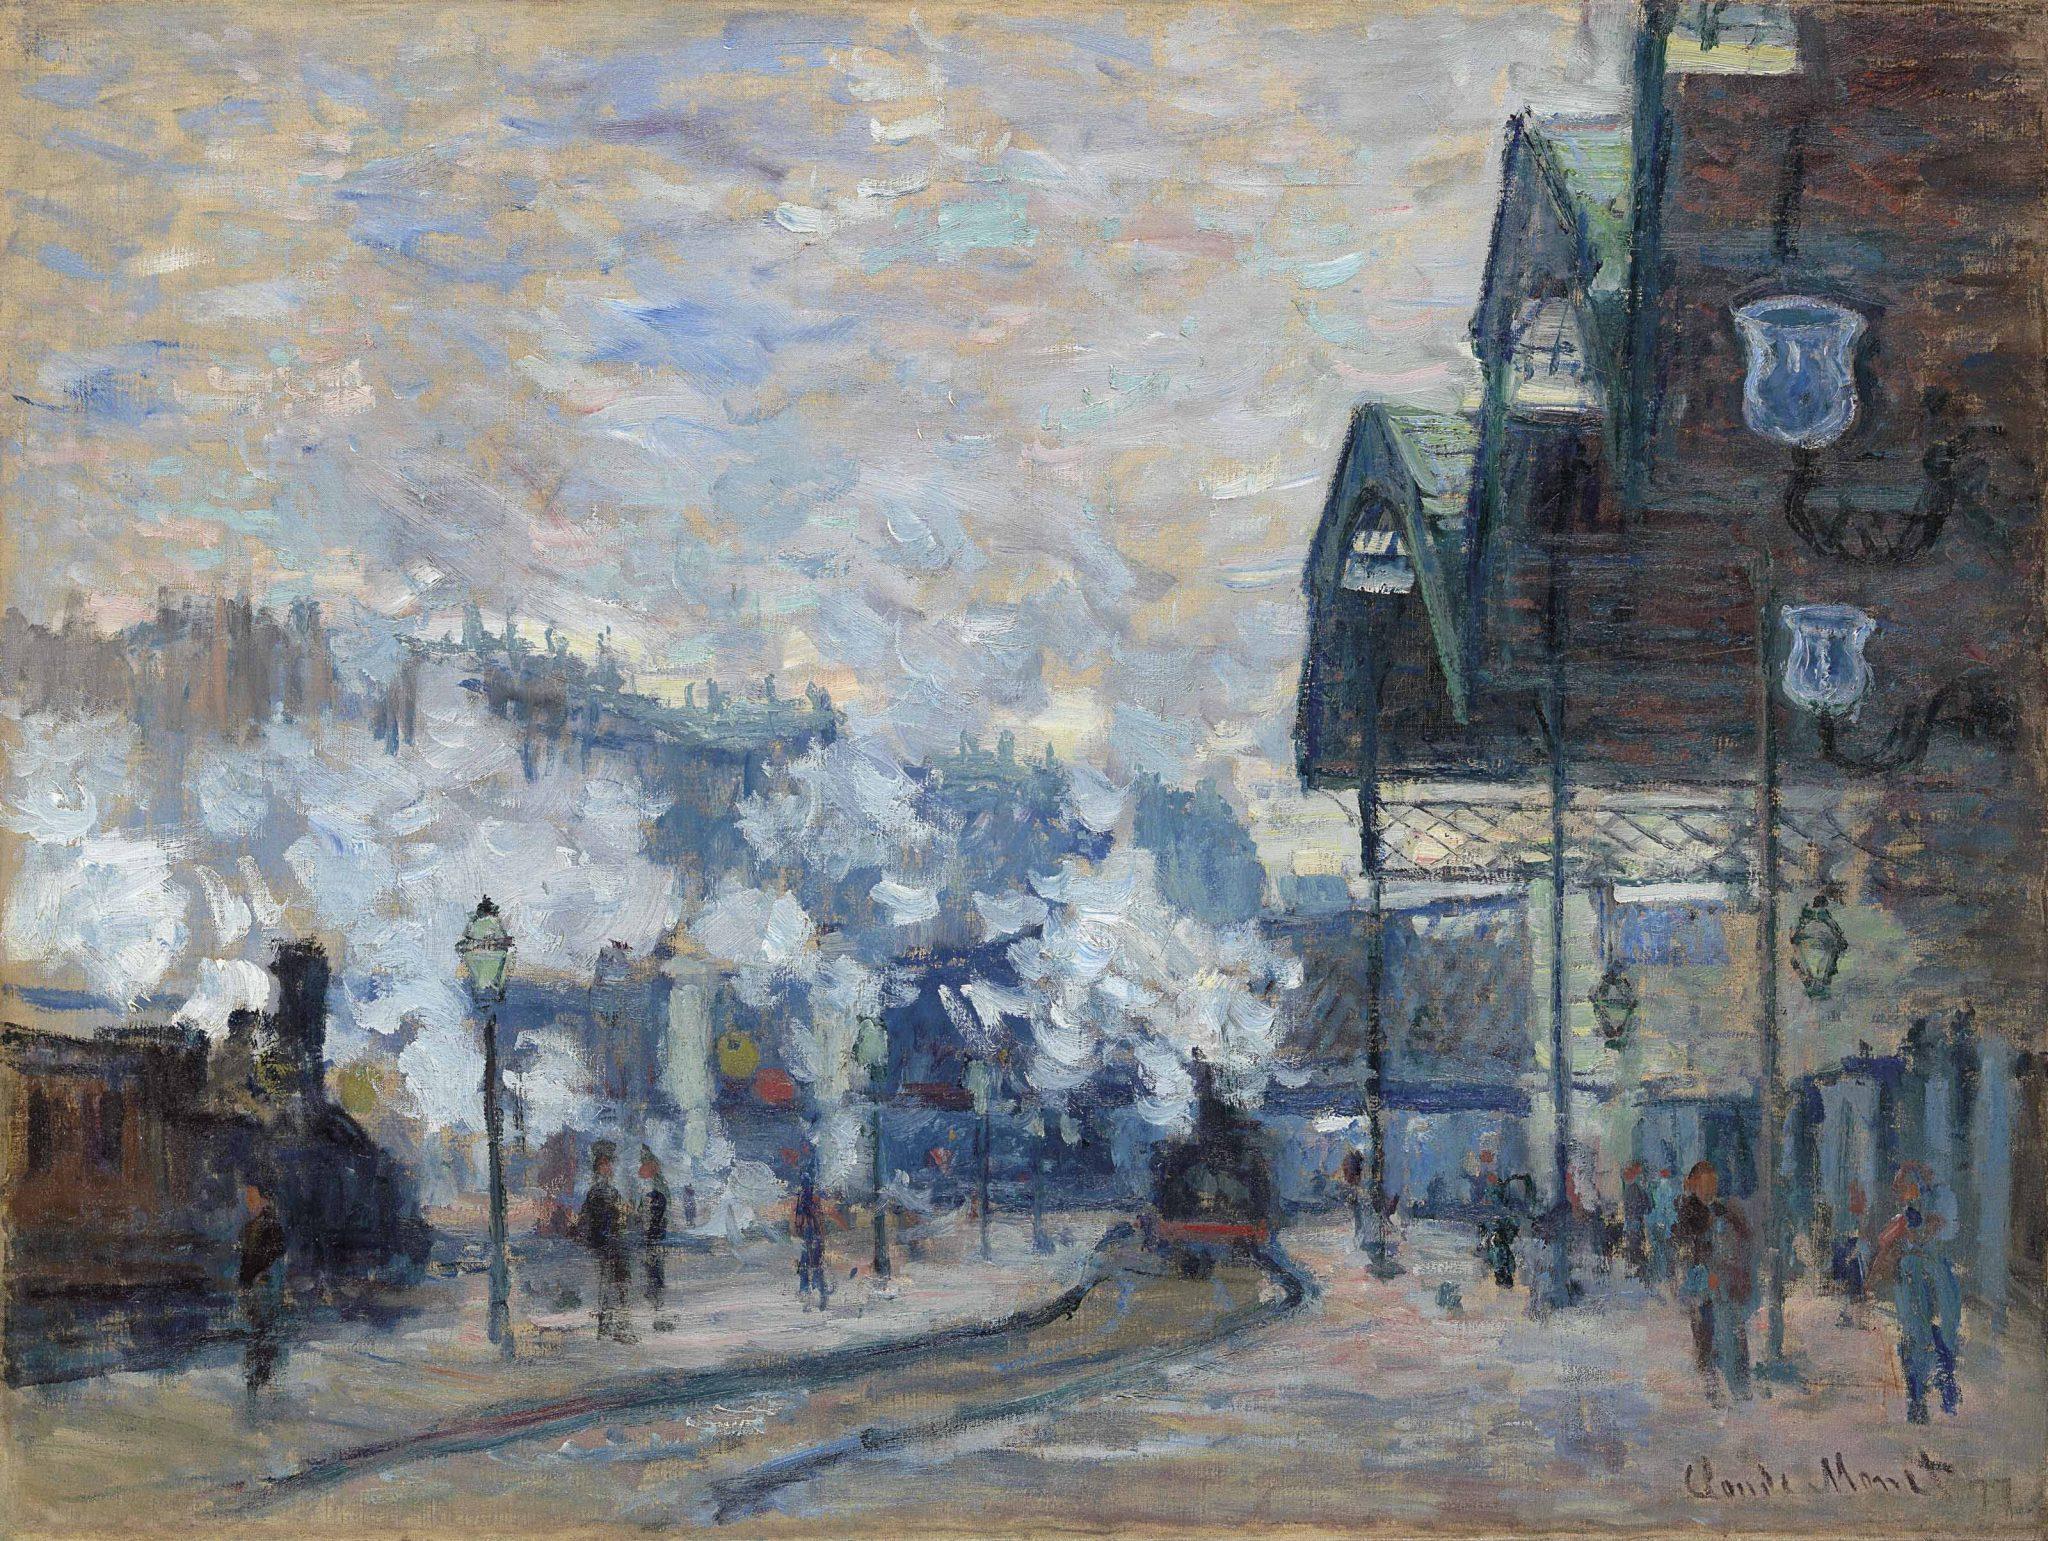 La modernità di Monet da Christie's vale 25 milioni £. Picasso arriva secondo (a 19 mln)